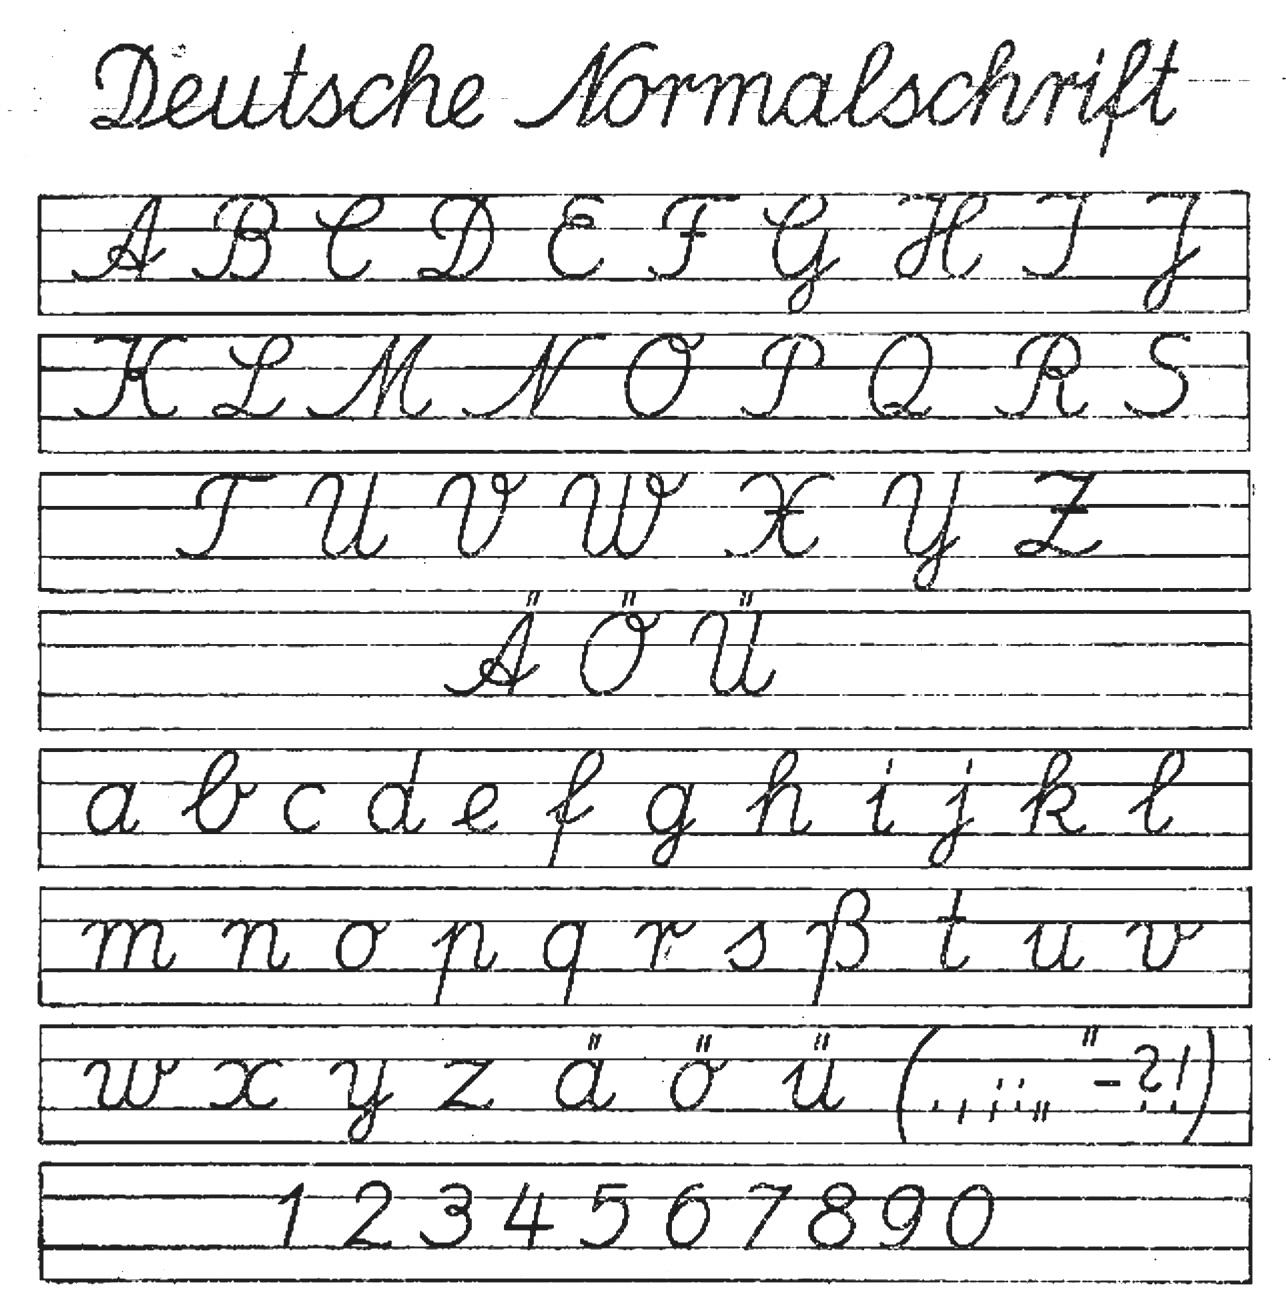 Datei:deutsche Normalschrift Ab 01091941 – Wikipedia verwandt mit Schreibschrift P